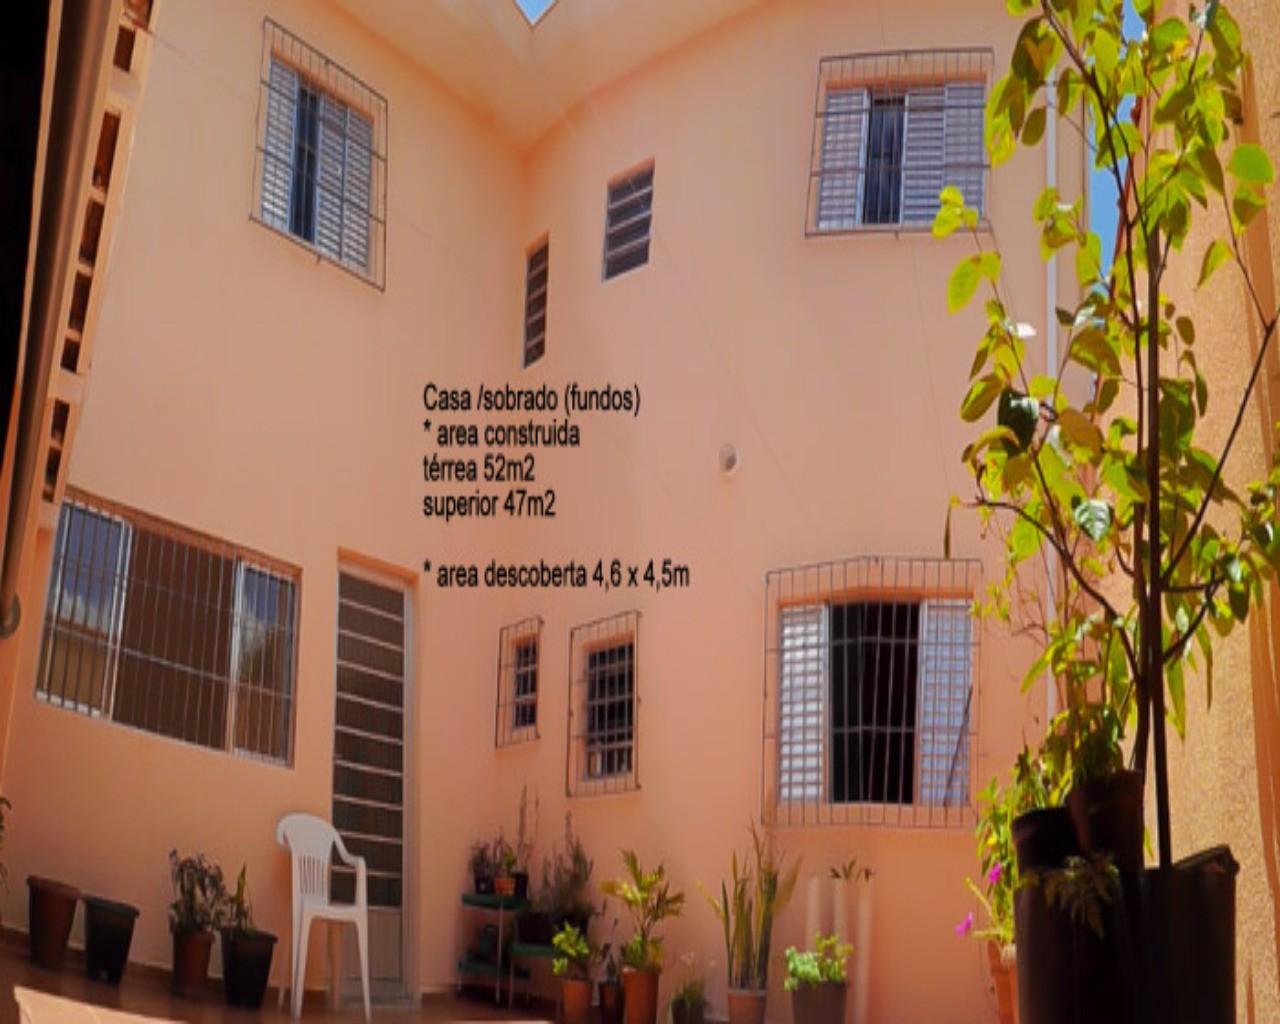 comprar ou alugar casa no bairro diadema na cidade de sao paulo-sp